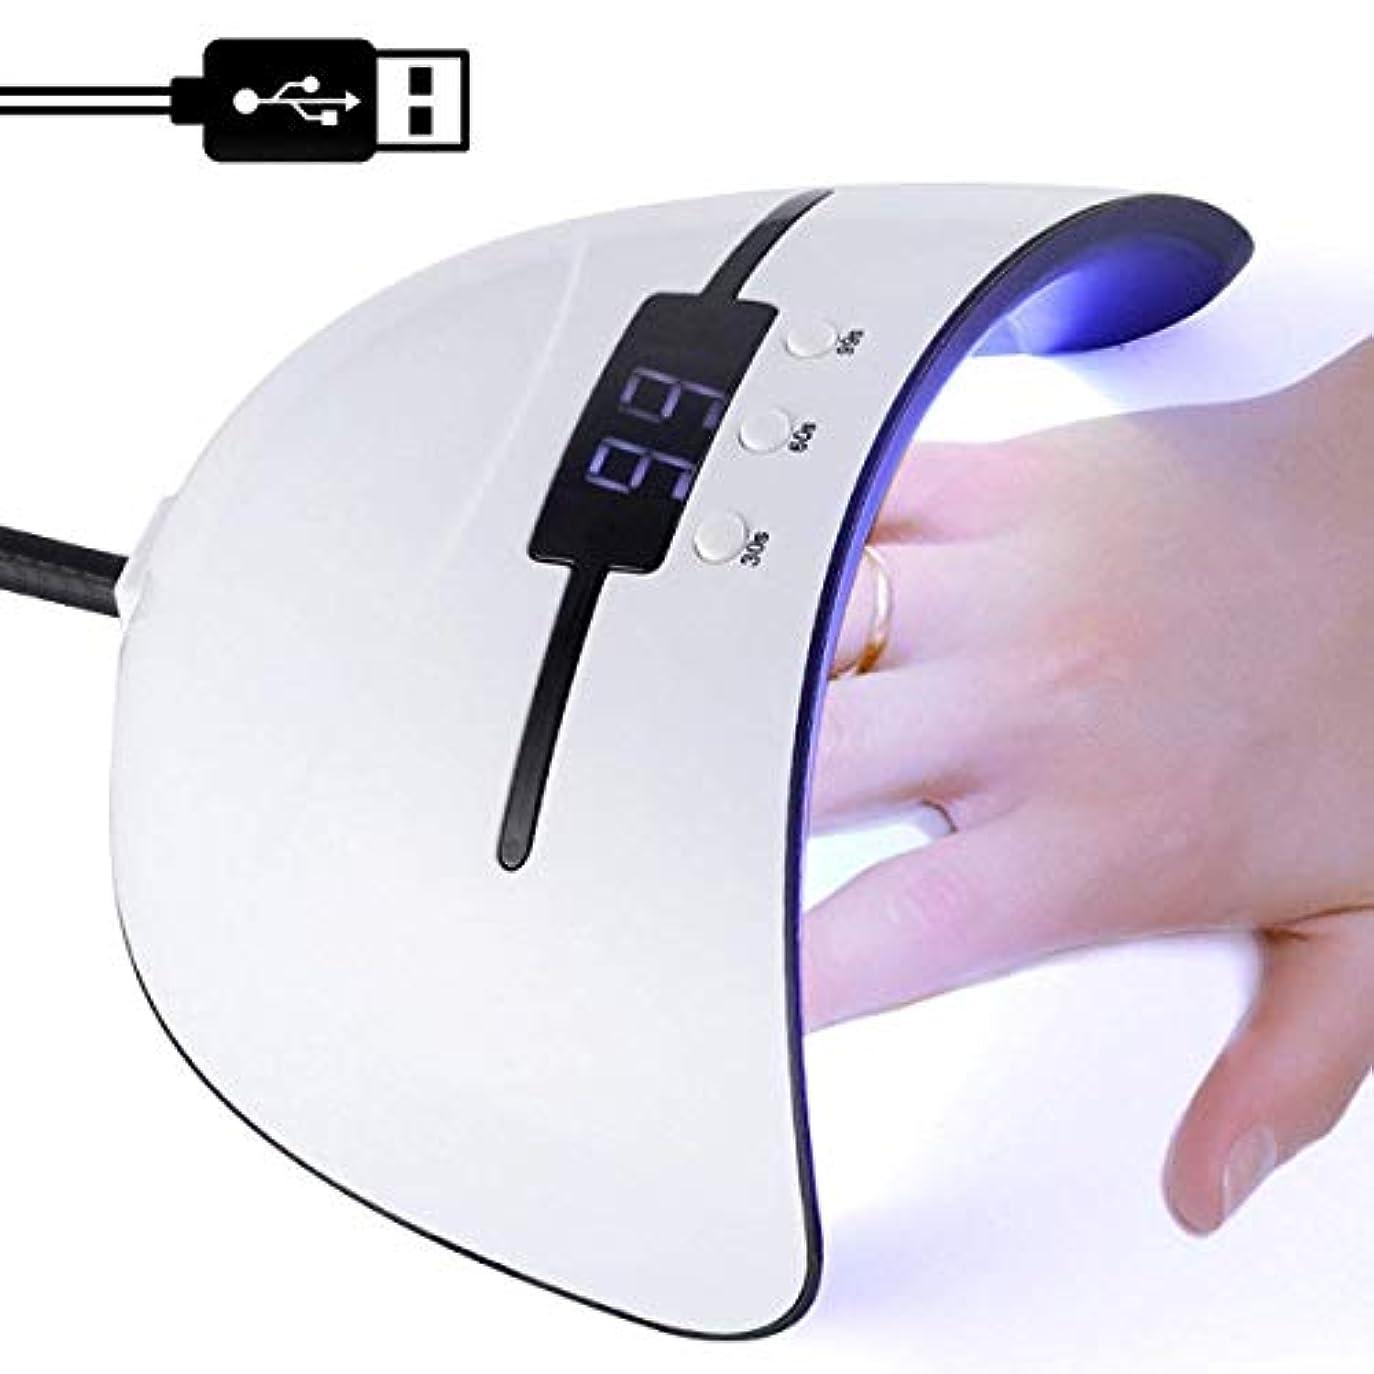 侵略散る機密ネイルドライヤー 硬化用ライト 36w 美肌搭載 爪の薄い女性でも安心 液晶モニター センサーが感知 全ジェル対応 LED UV ネイルライト